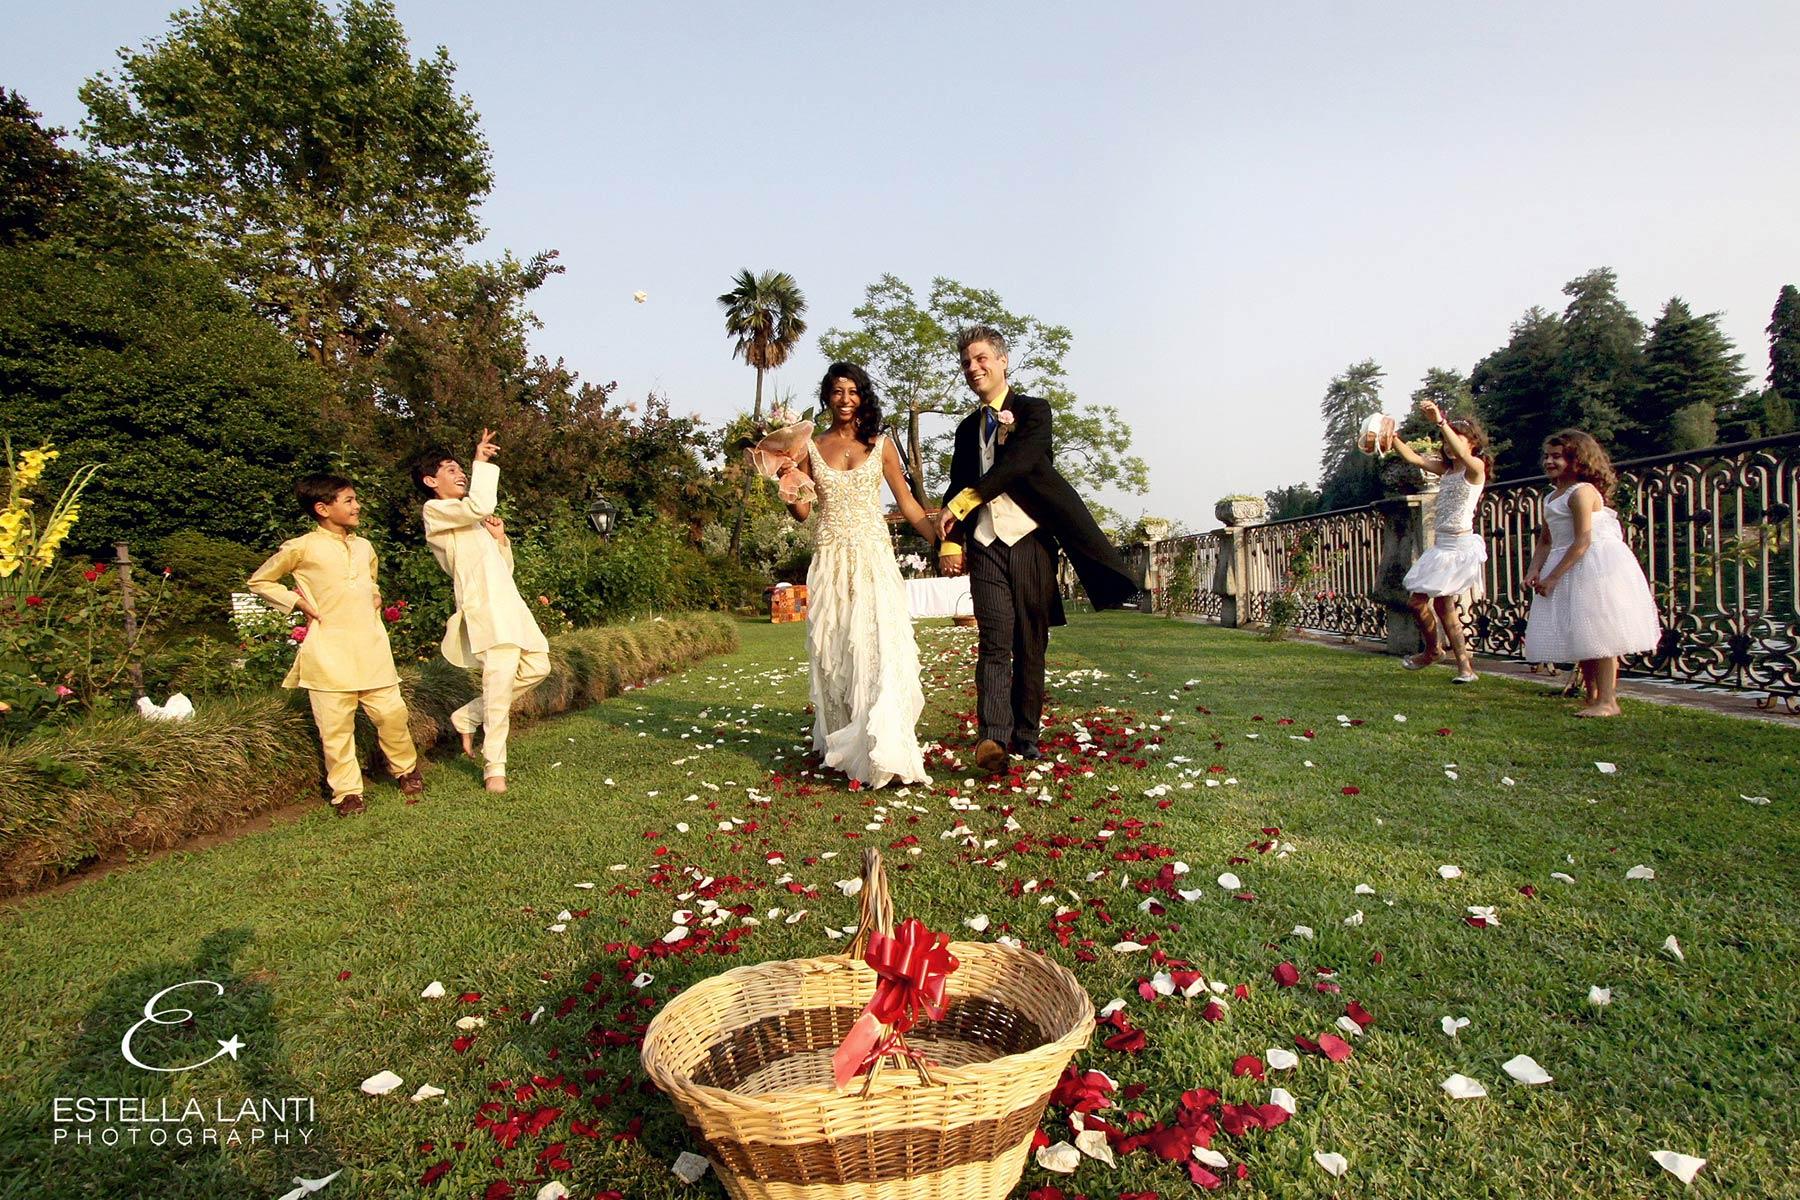 Indian Hindu wedding in Italy